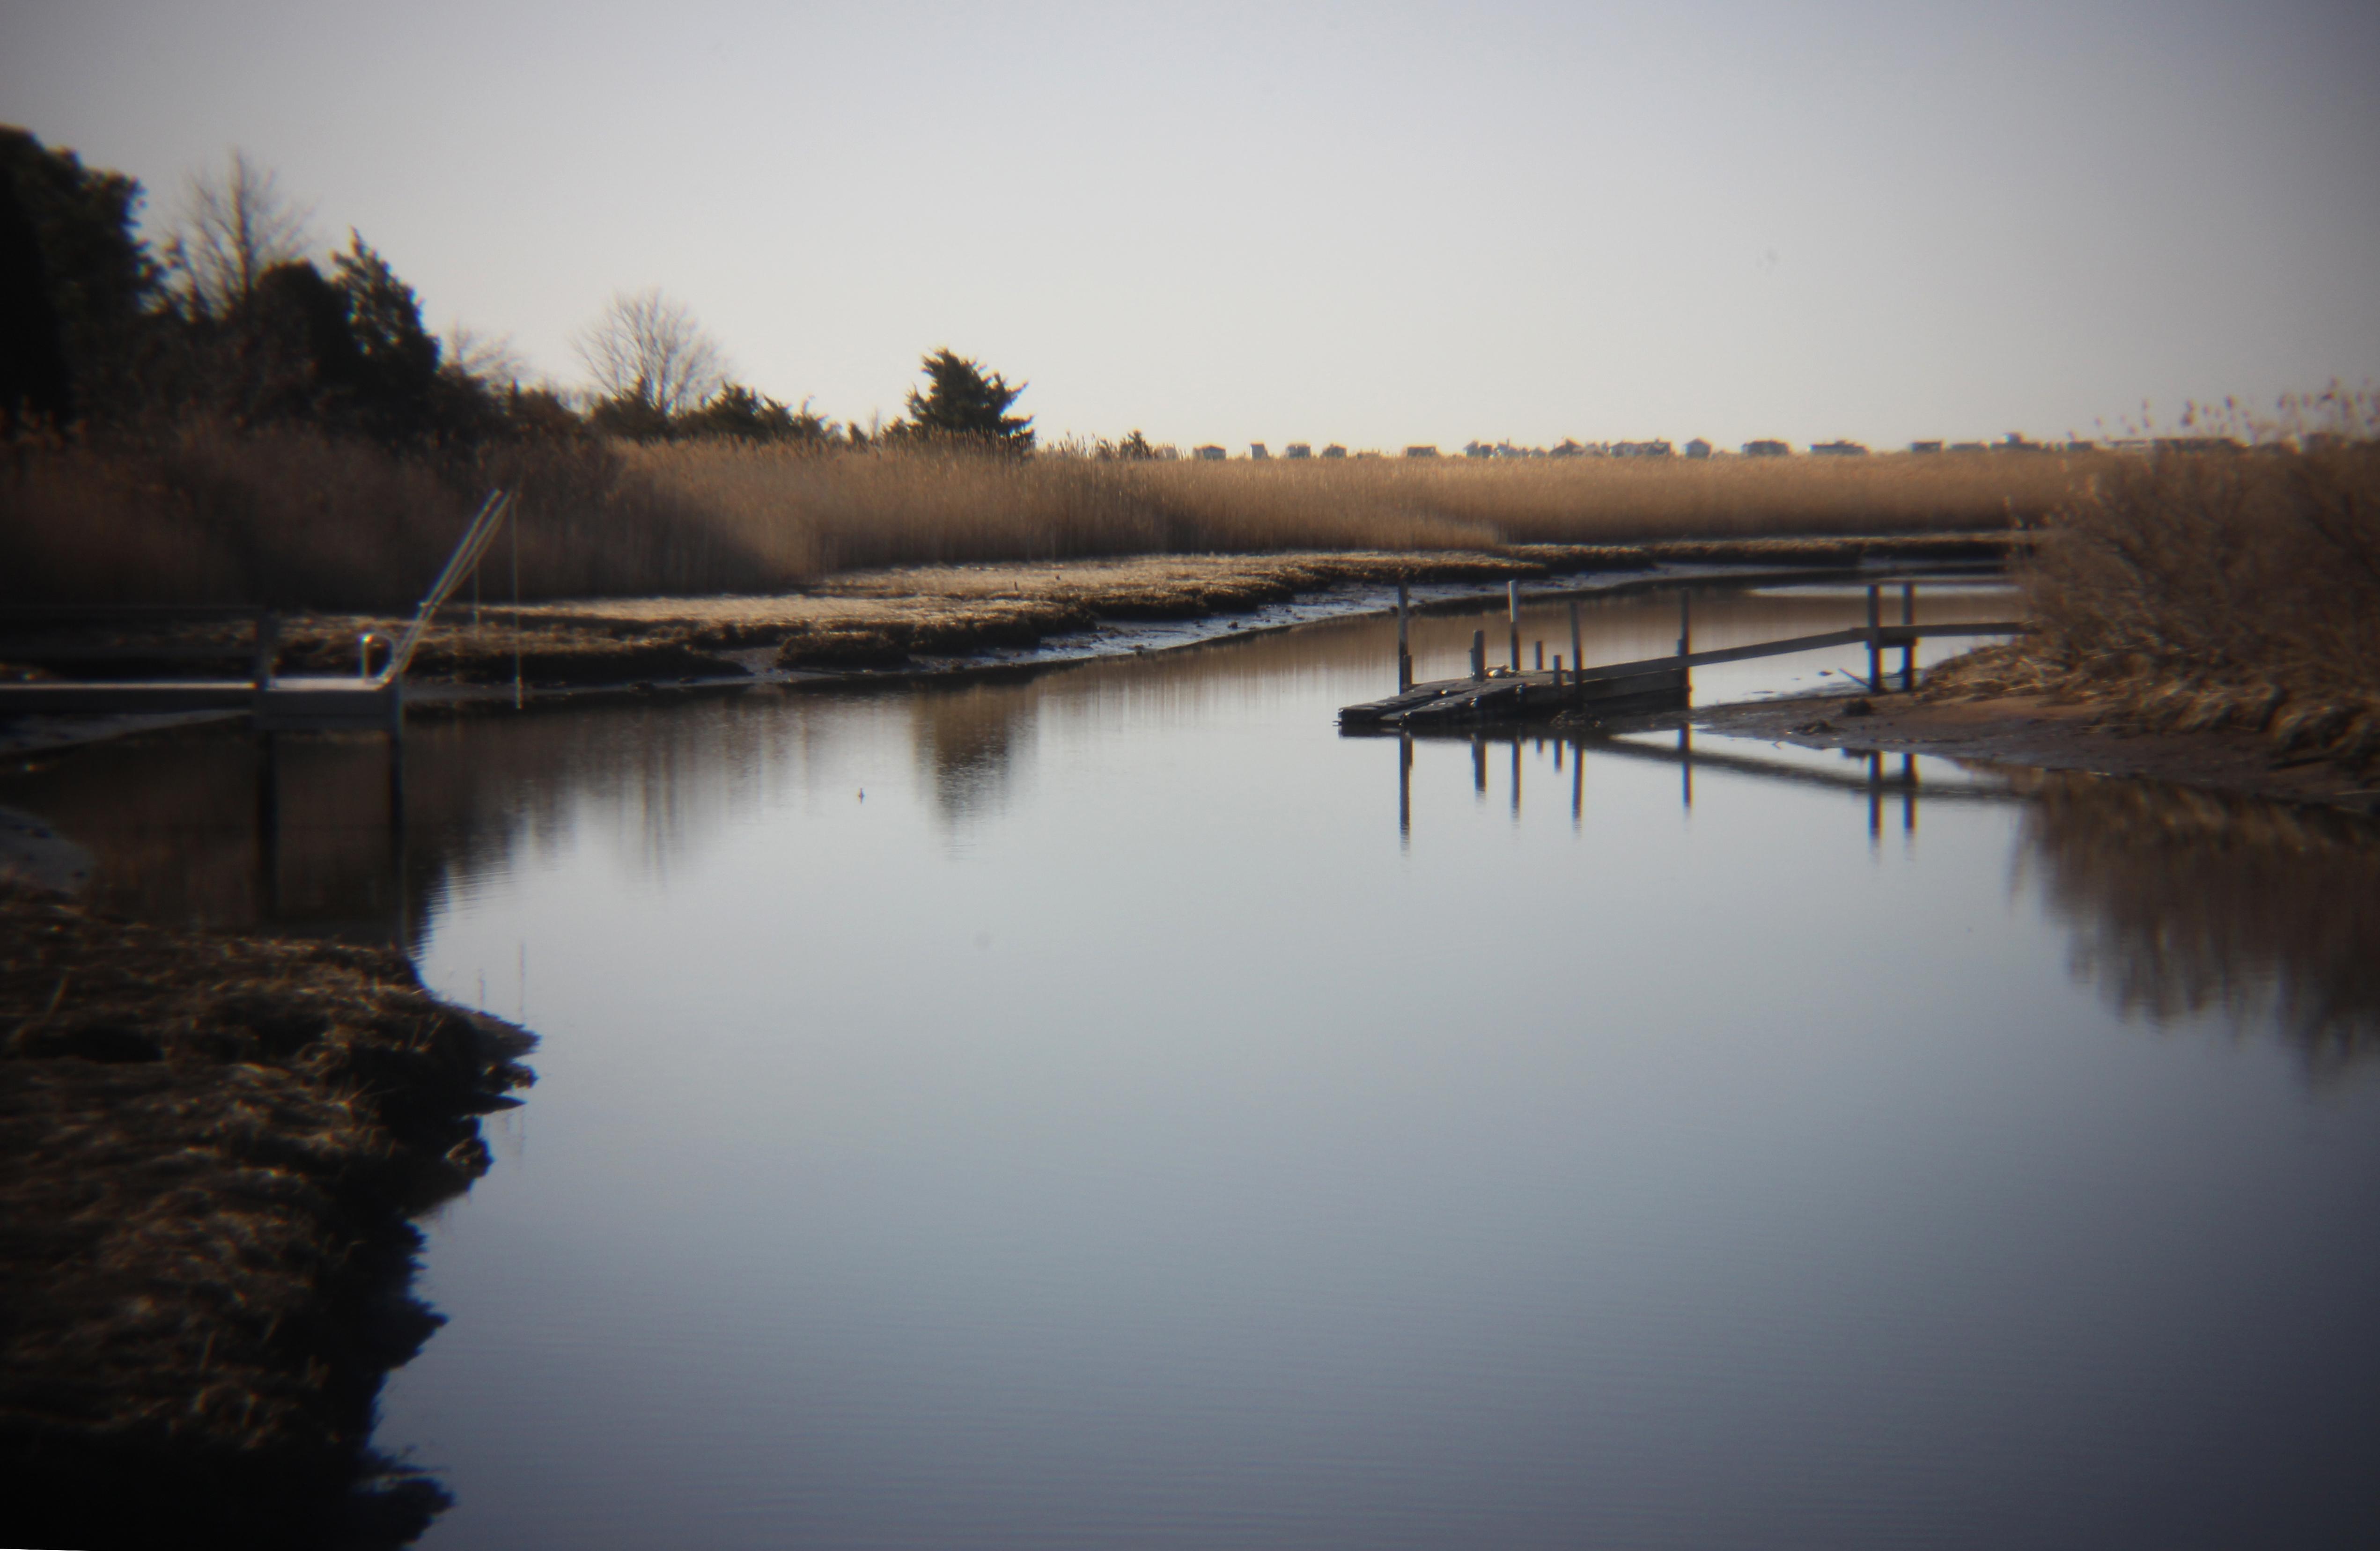 Inlet, Westhampton NY